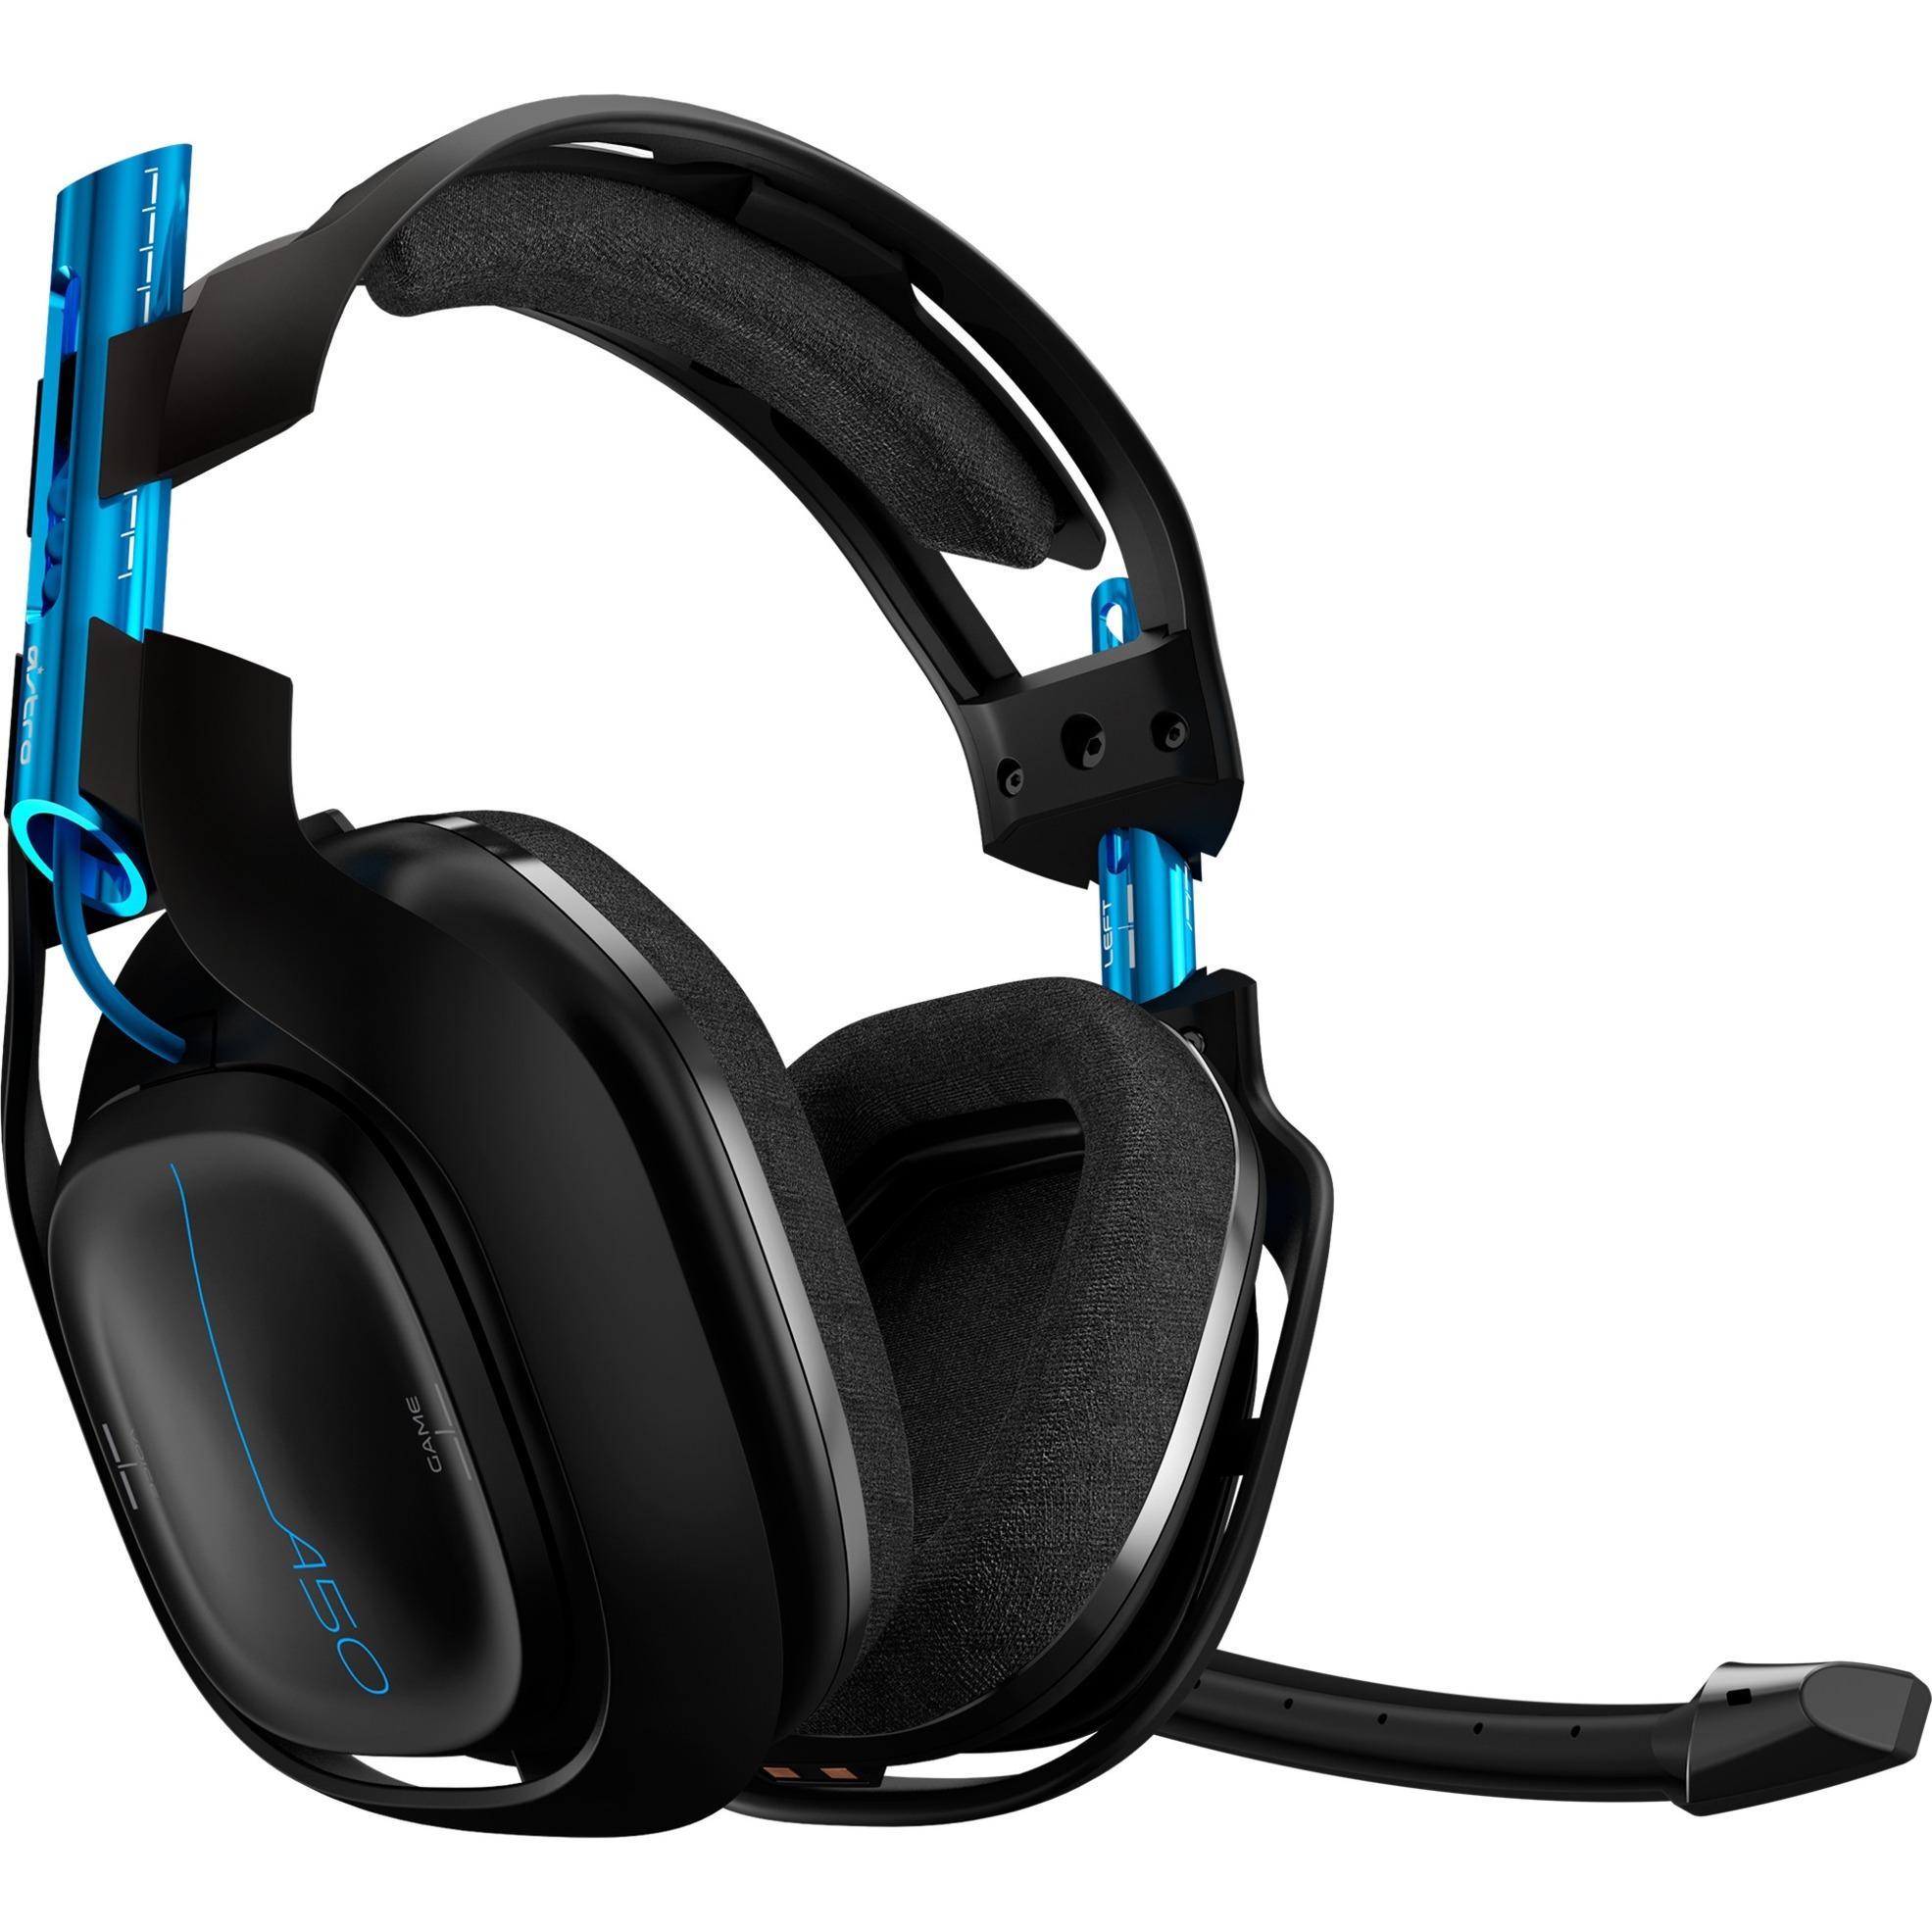 A50 Wireless Headset + Base Station auricular con micrófono Diadema Binaural Negro, Azul, Auriculares con micrófono